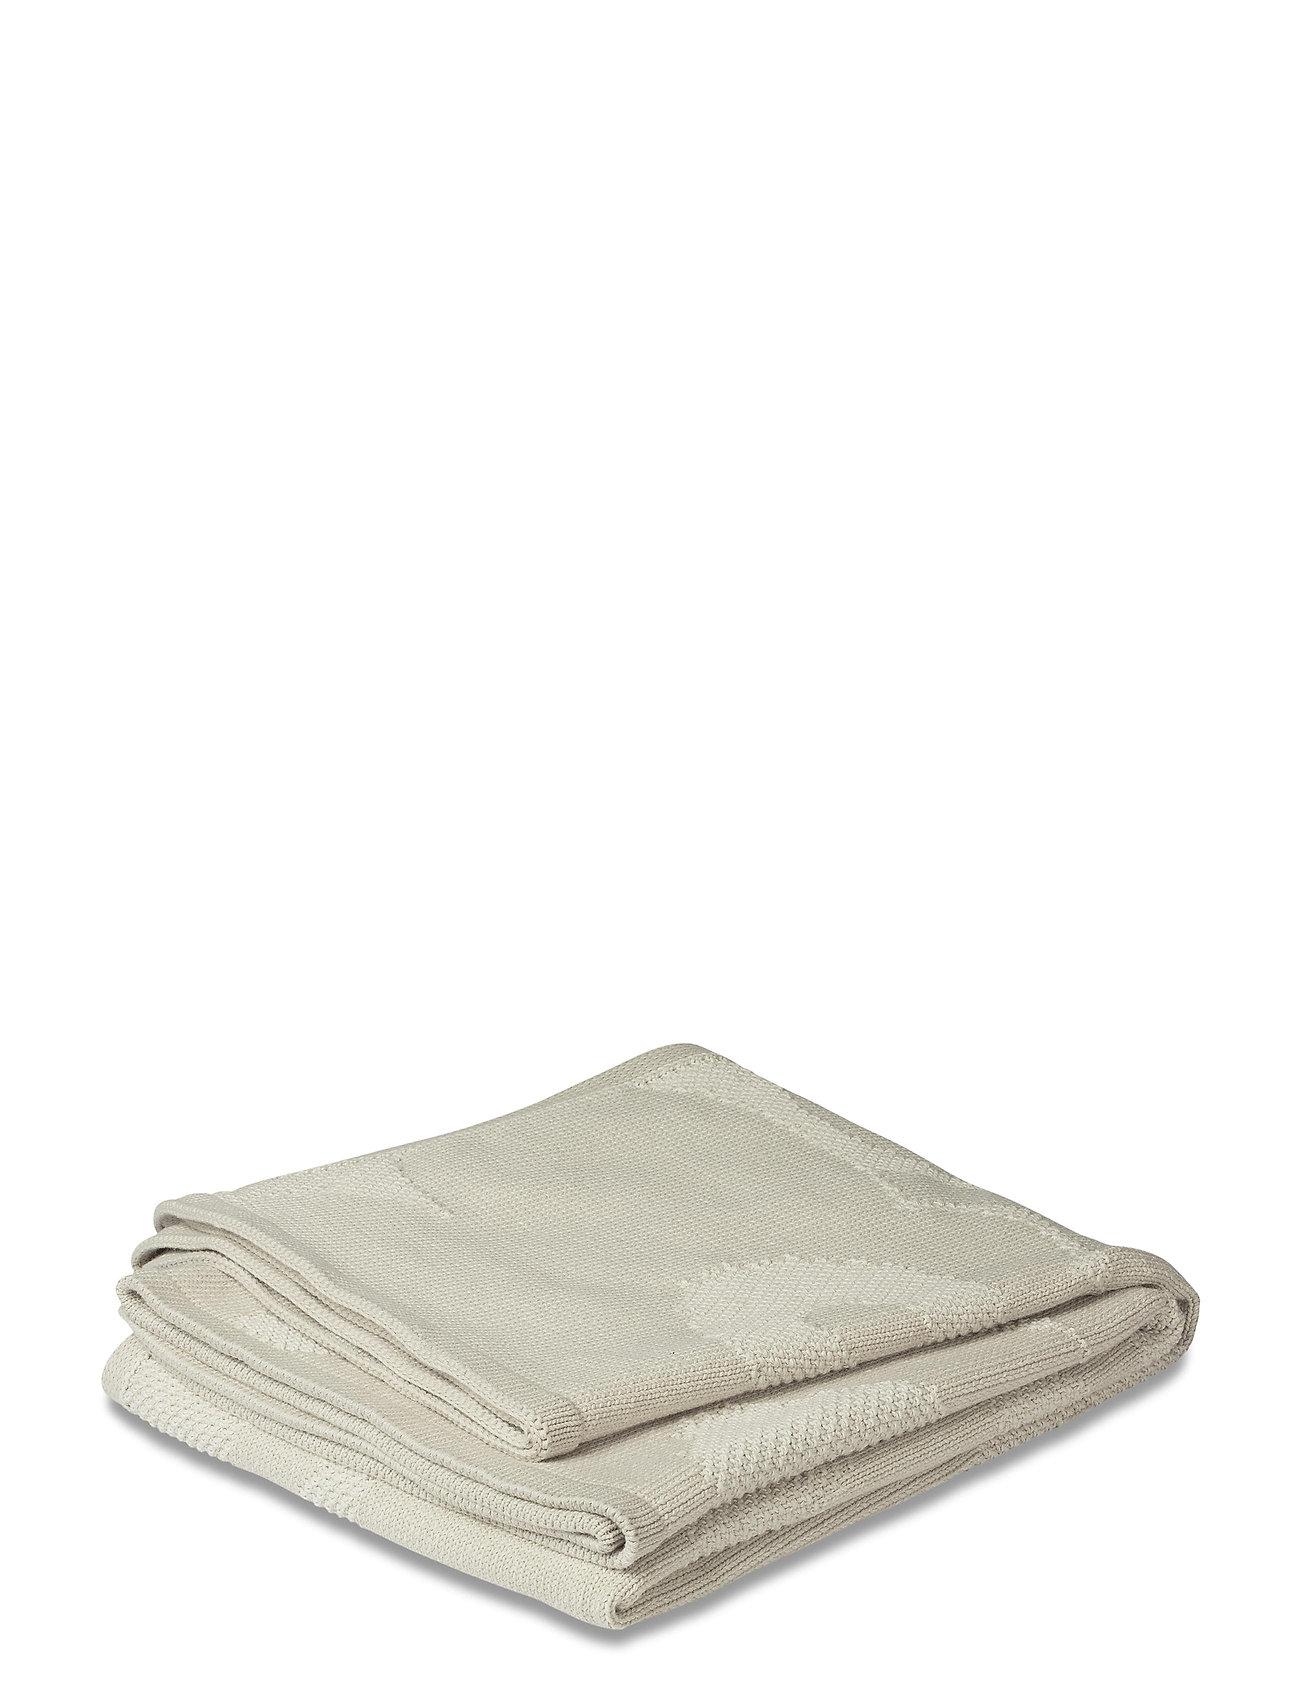 Marimekko Home - UNIKKO KNITTED BLANKET - blankets - off-white - 1